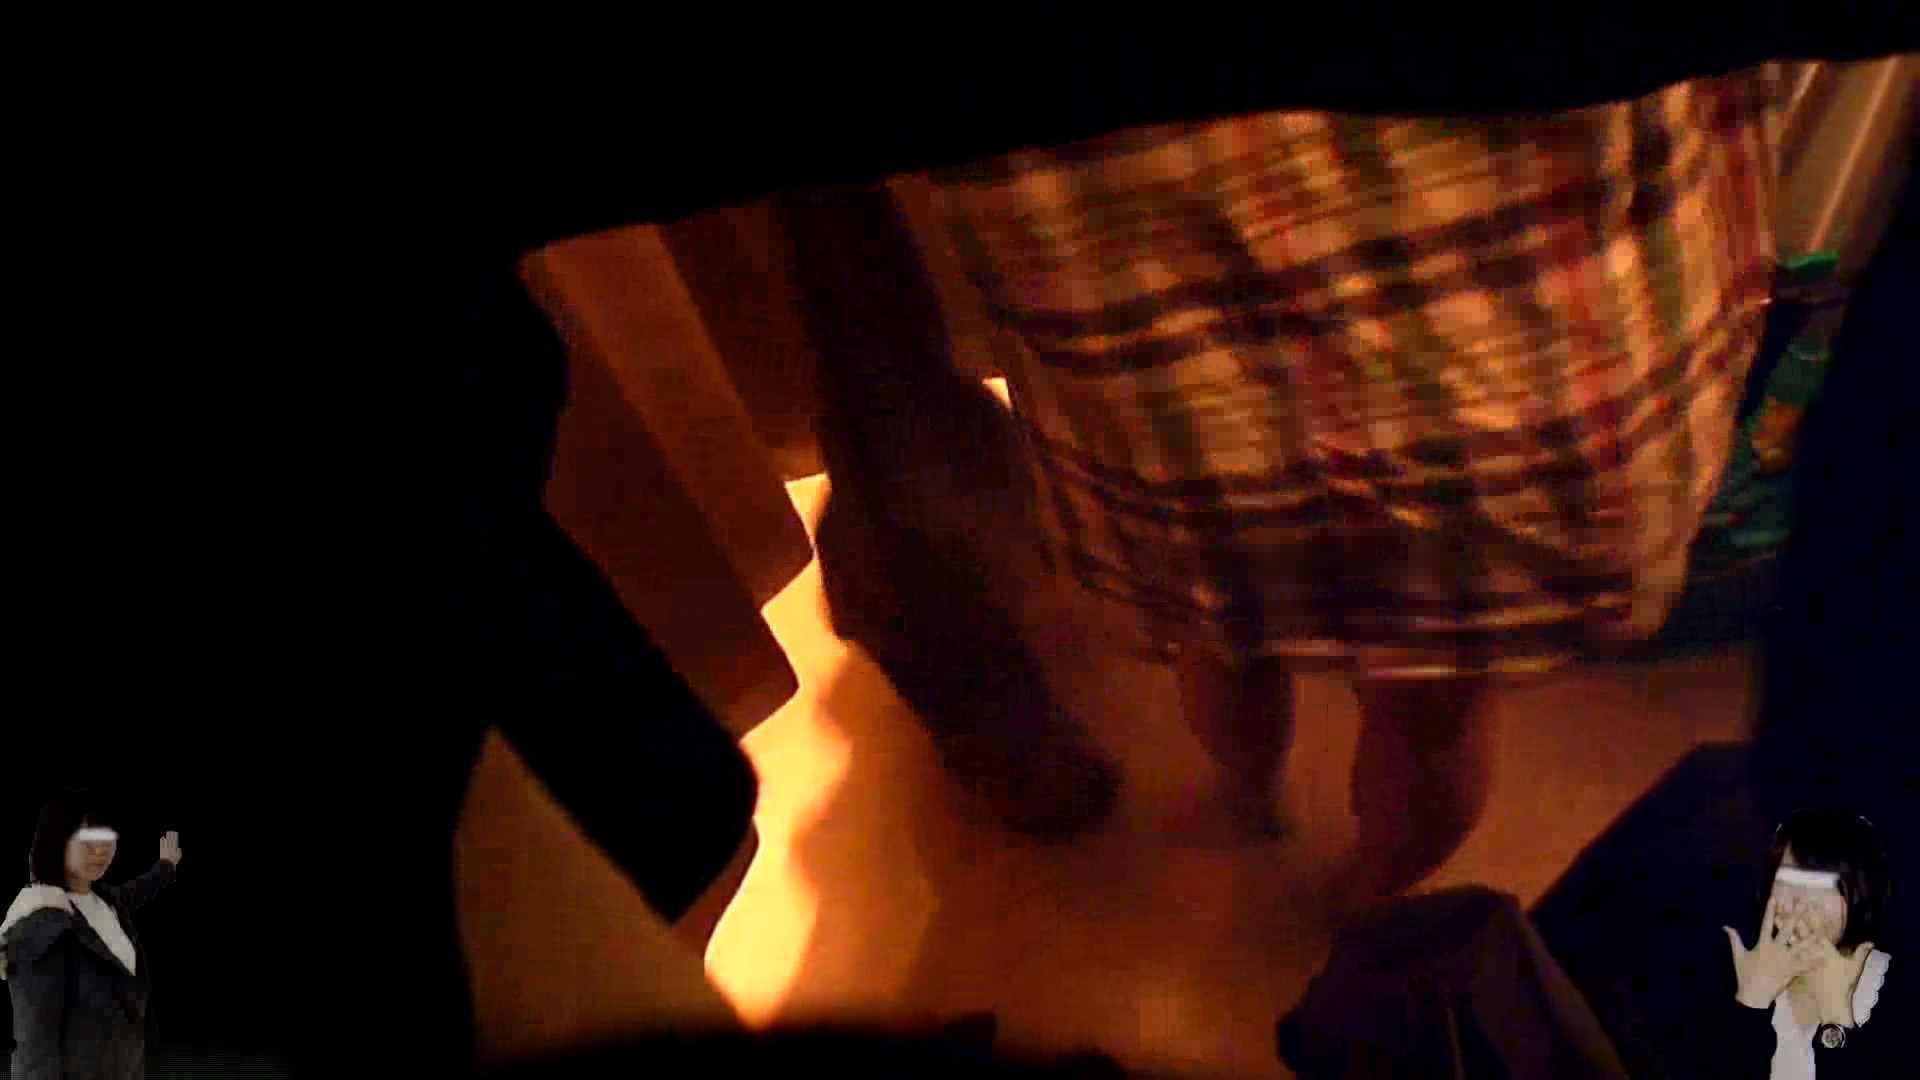 素人投稿 現役「JD」Eちゃんの着替え Vol.04 素人エロ画像 ヌード画像 76PICs 47